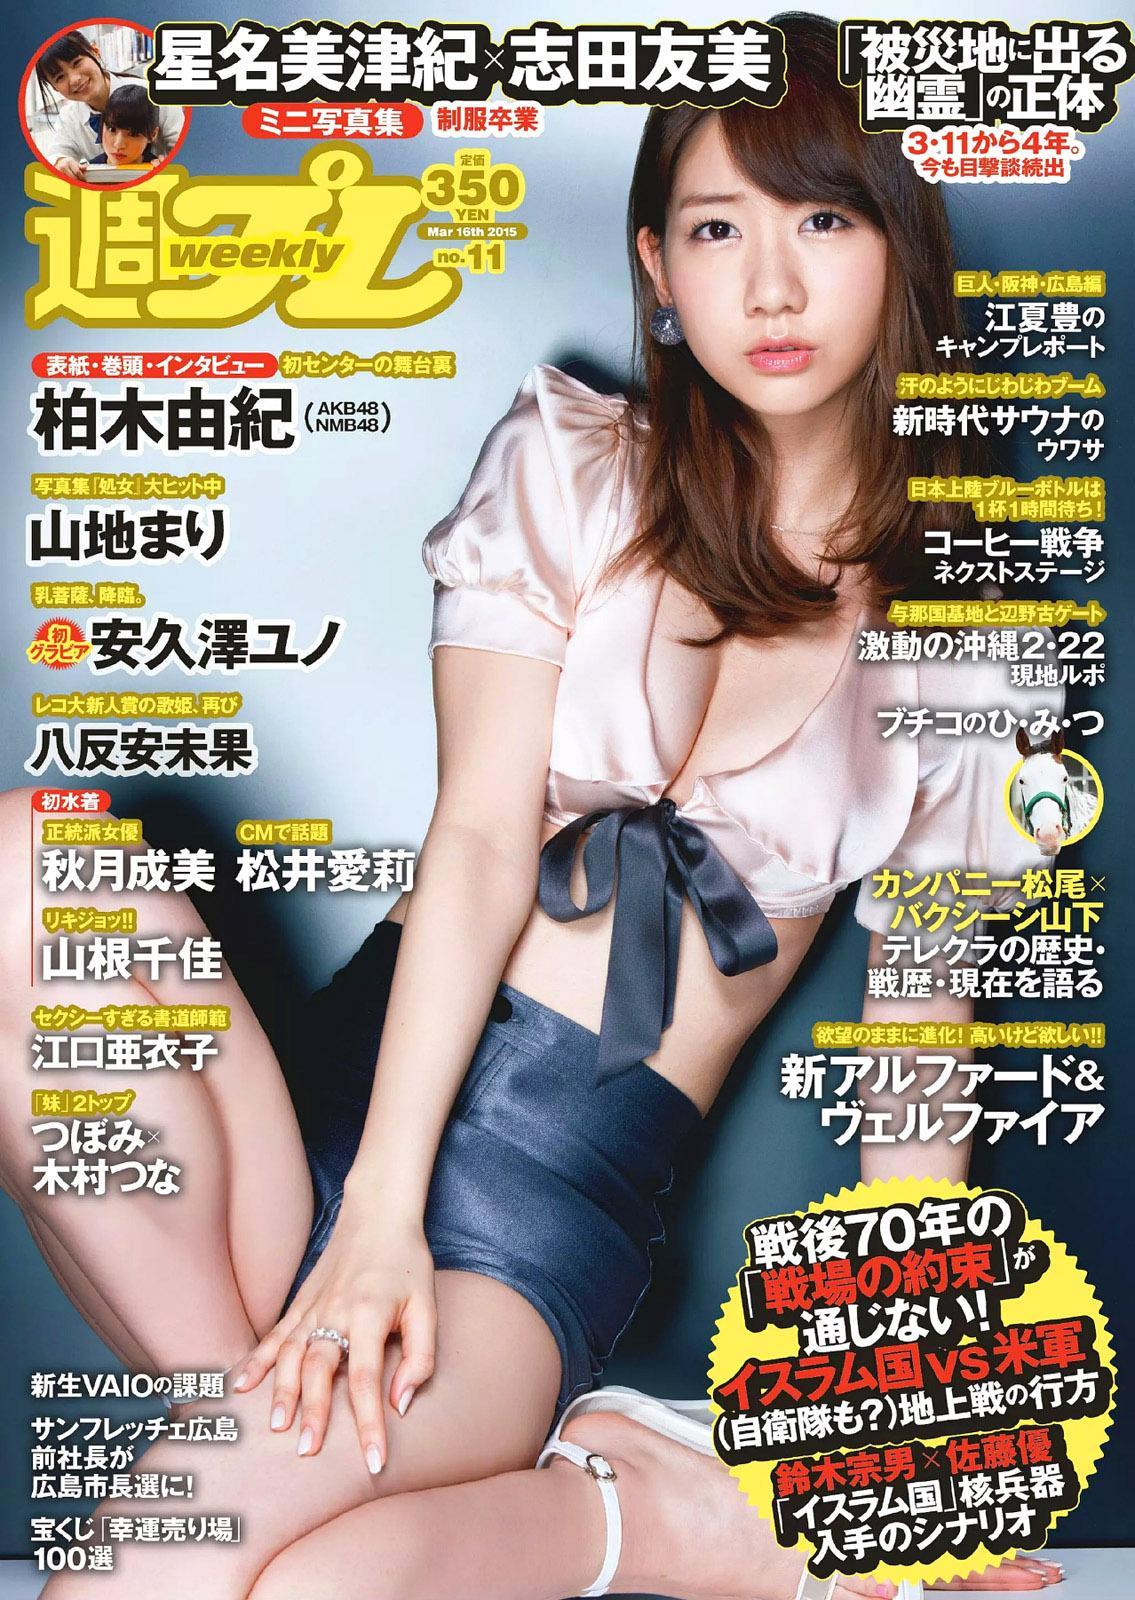 YKashiwagi WPB 150315 01.jpg